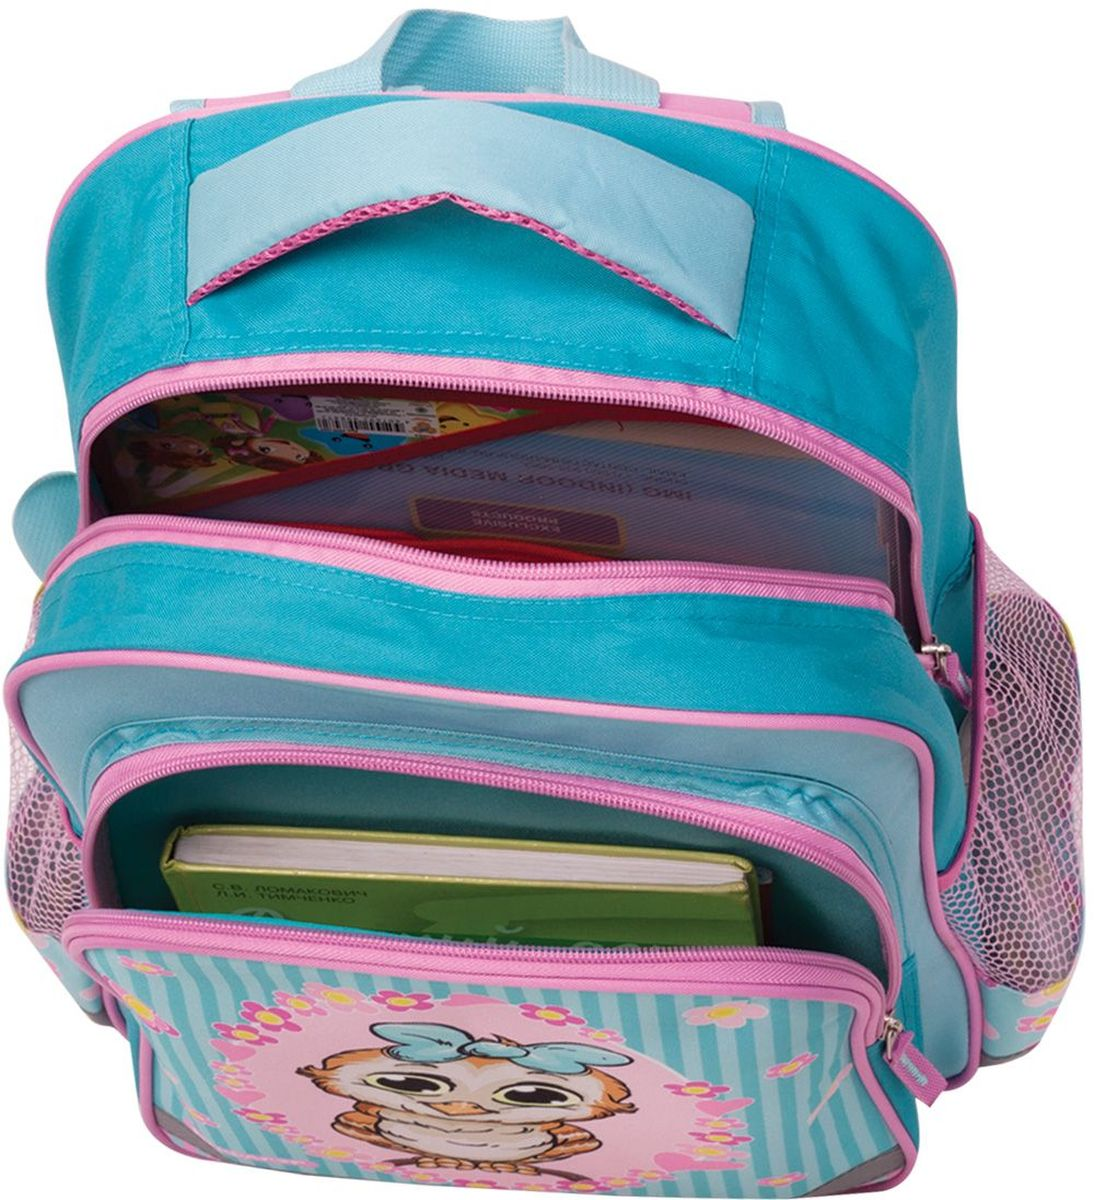 Предназначен для девочек 7-10 лет. Яркий дизайн этого рюкзака вкупе с красочным оригинальным принтом, были продуманы до мелочей, чтобы удовлетворить вкусы современных маленьких модниц. Вместительность рюкзака позволит иметь под рукой все необходимое.•1 отделение, 3 кармана. •Формоустойчивая спинка. •Широкие регулируемые лямки. •Светоотражающие элементы. •Размер: 38 х 28 х 14 см. •Объем: 15 л. •Вес: 0,39 кг.